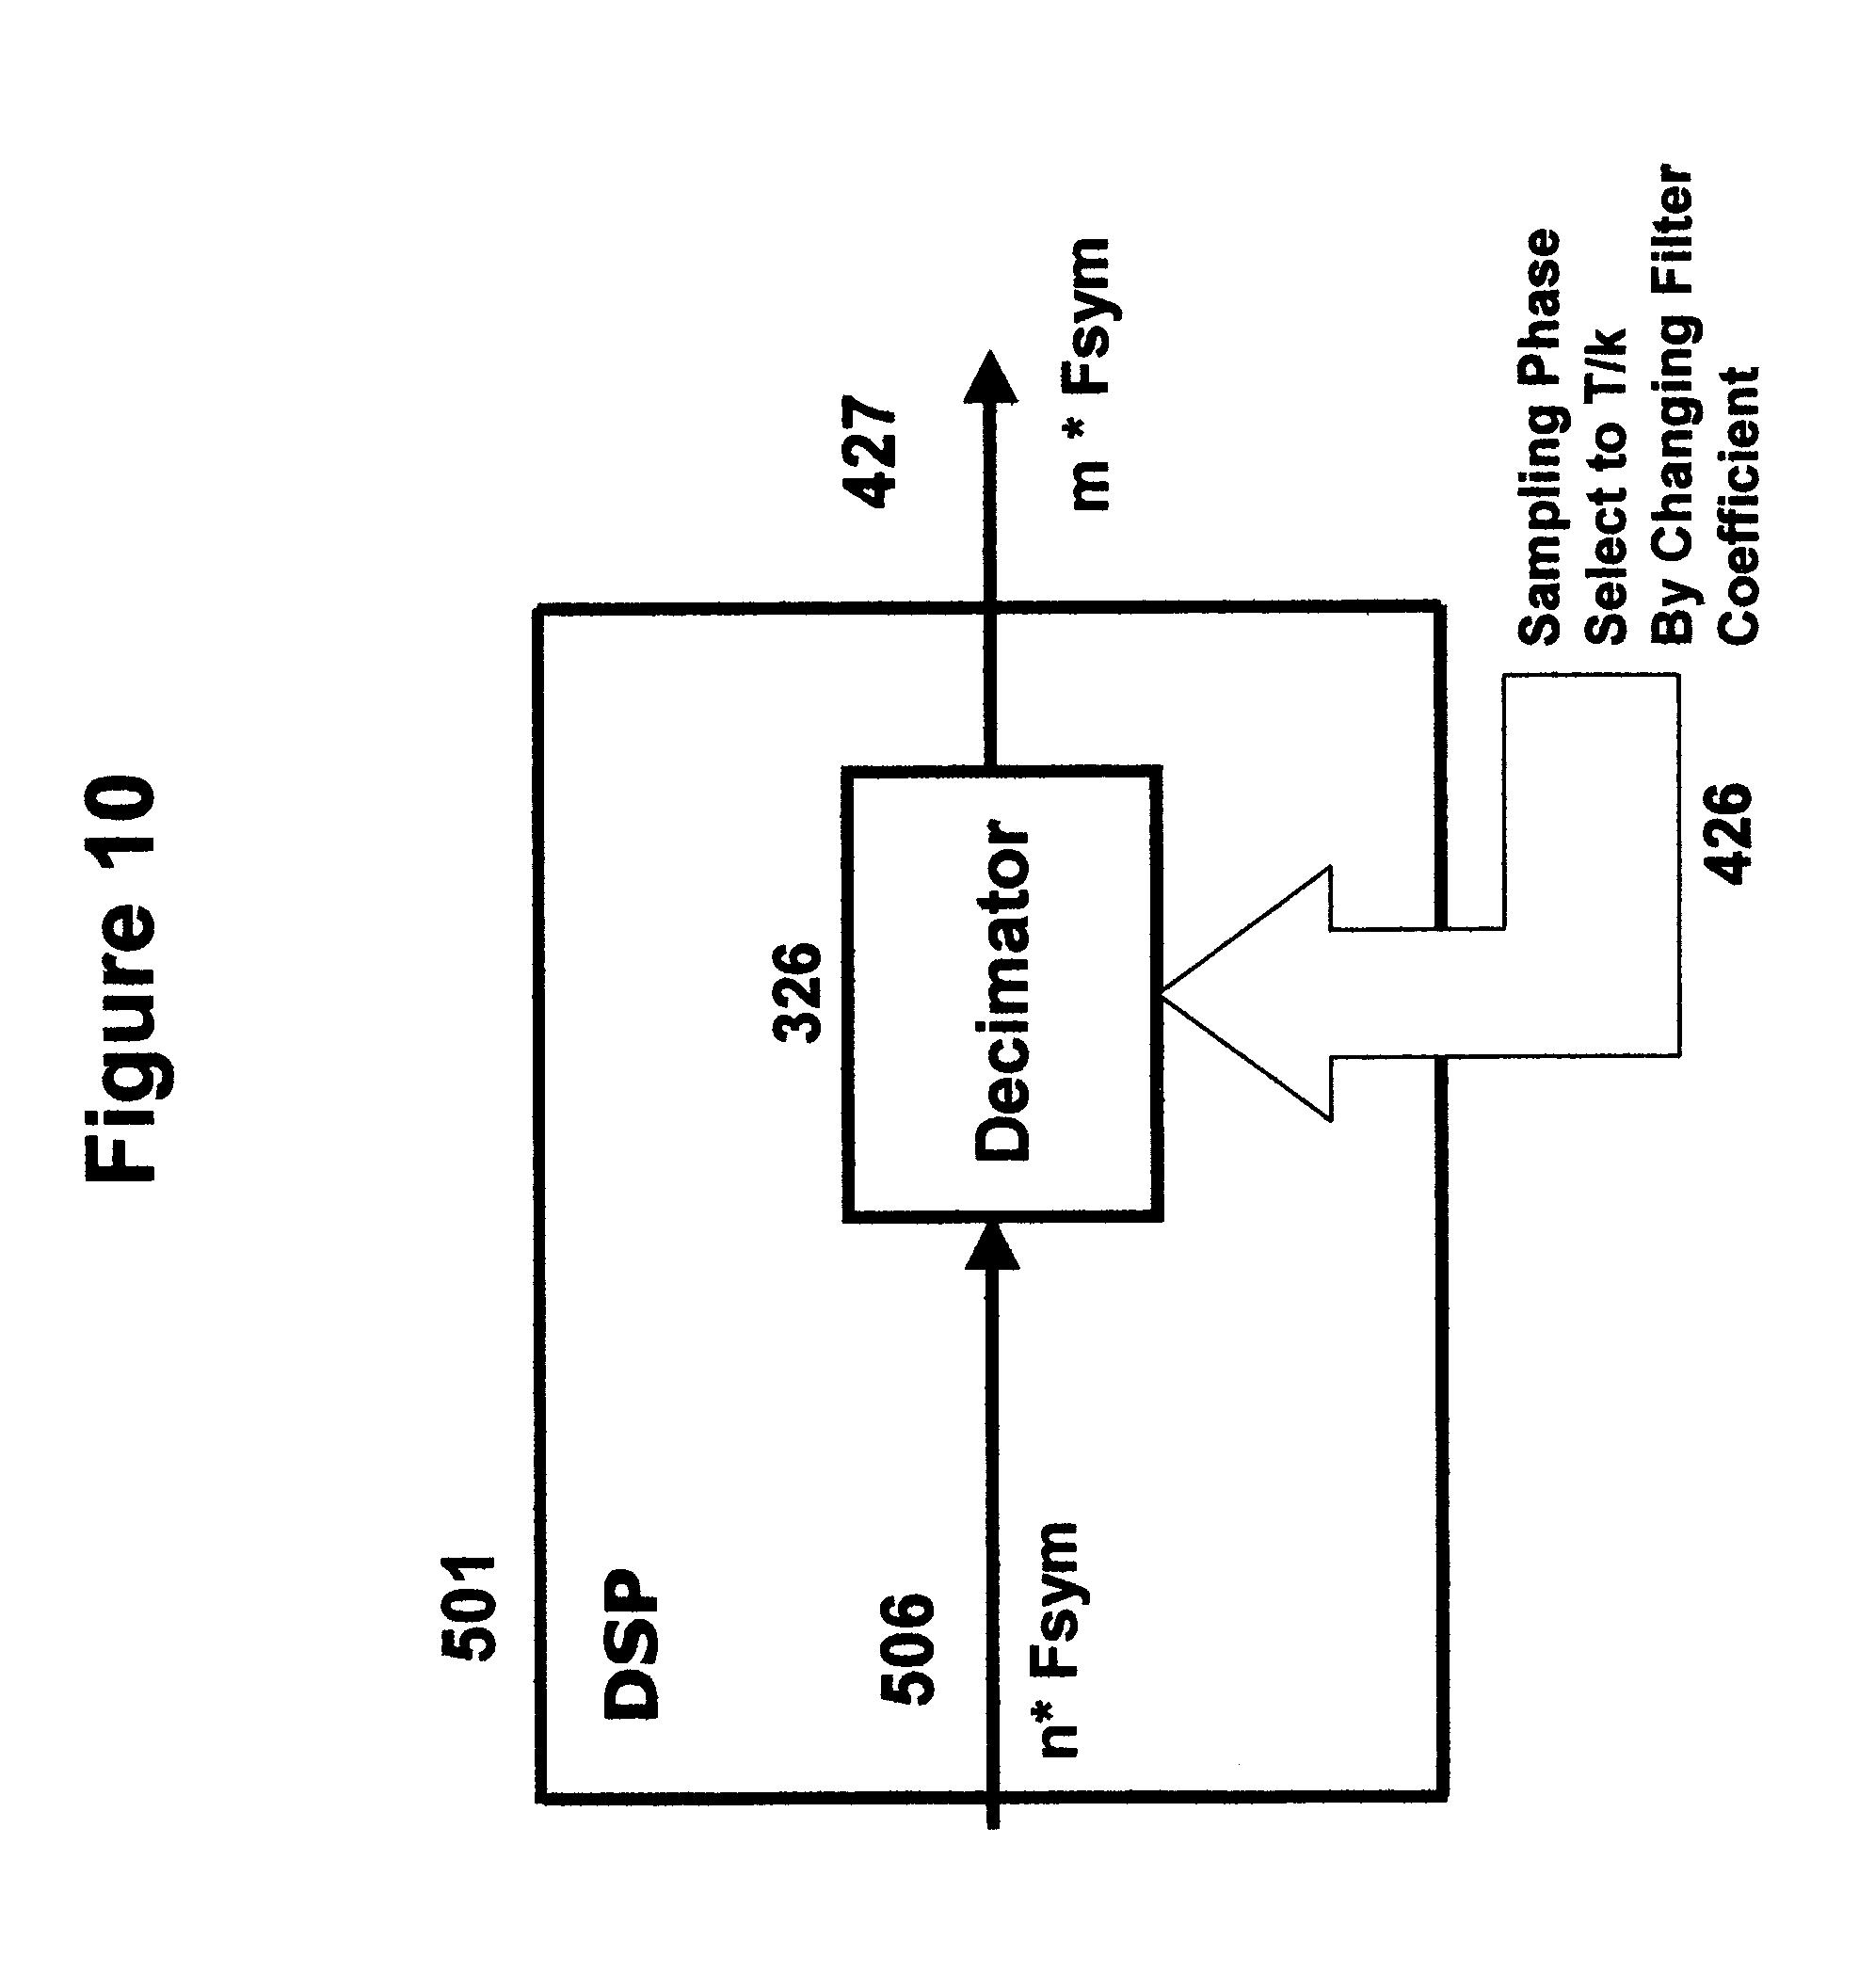 patent us7142831